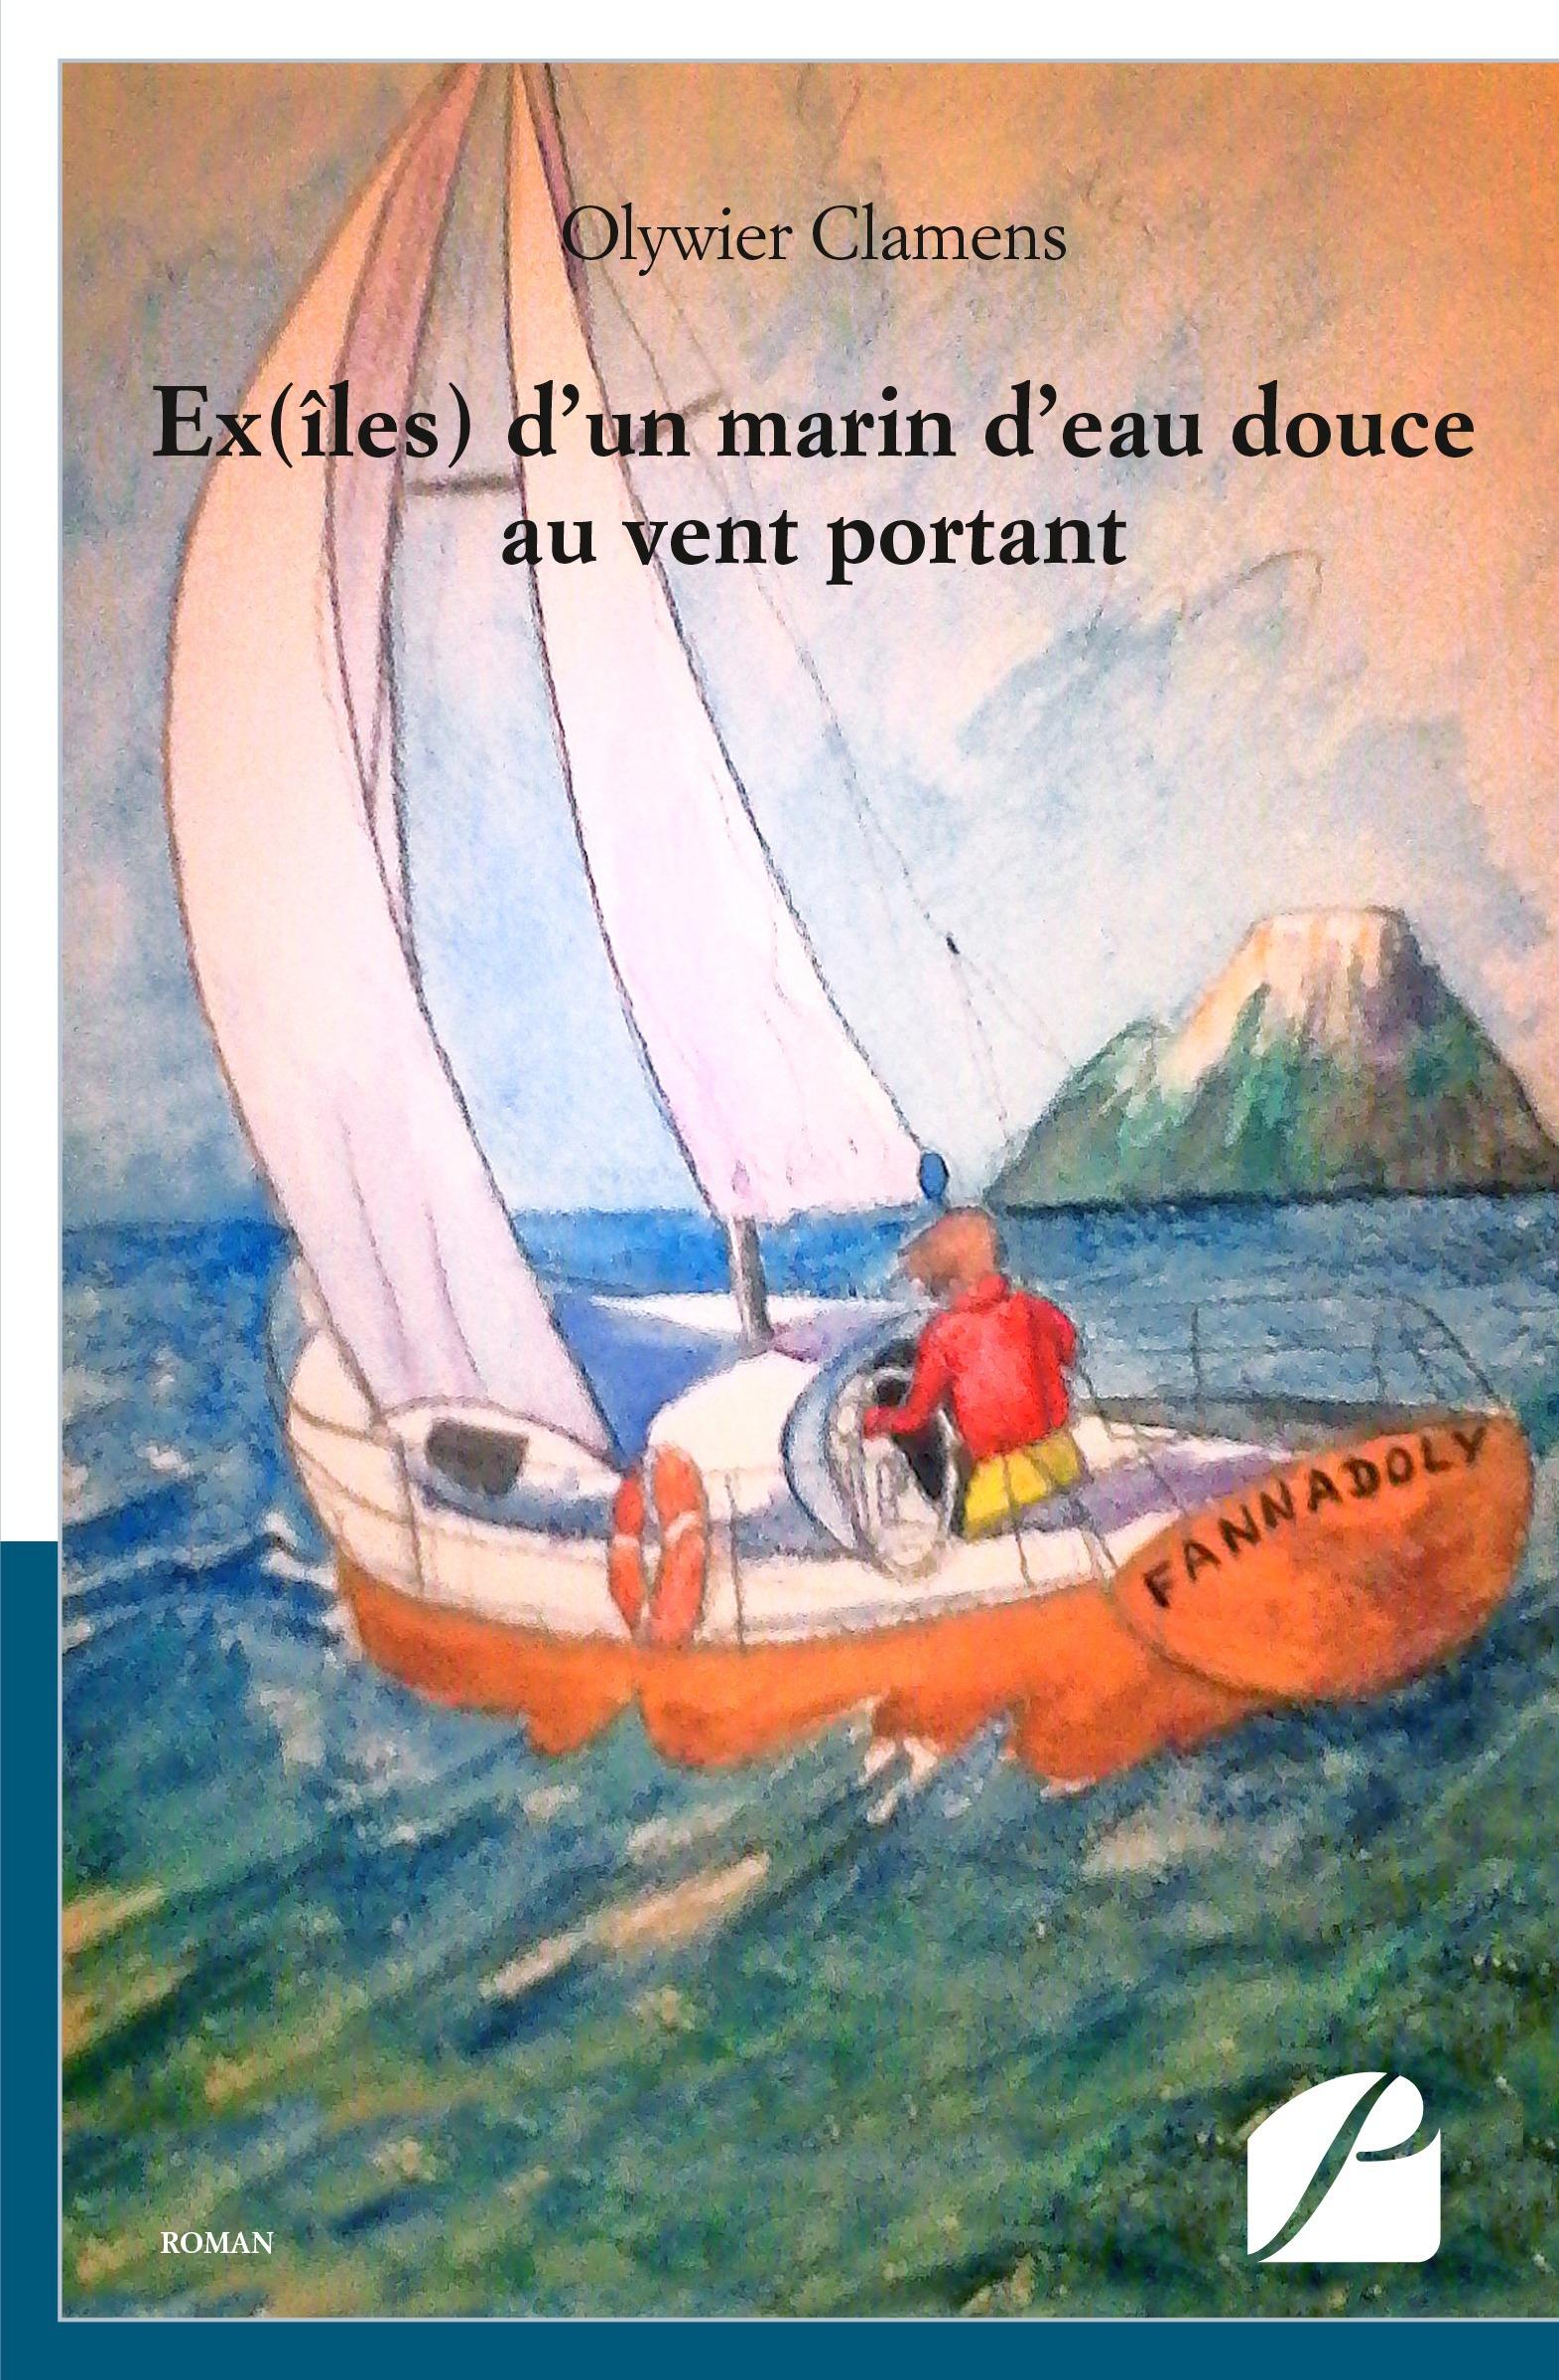 Ex(iles) d'un marin d'eau douce au vent portant